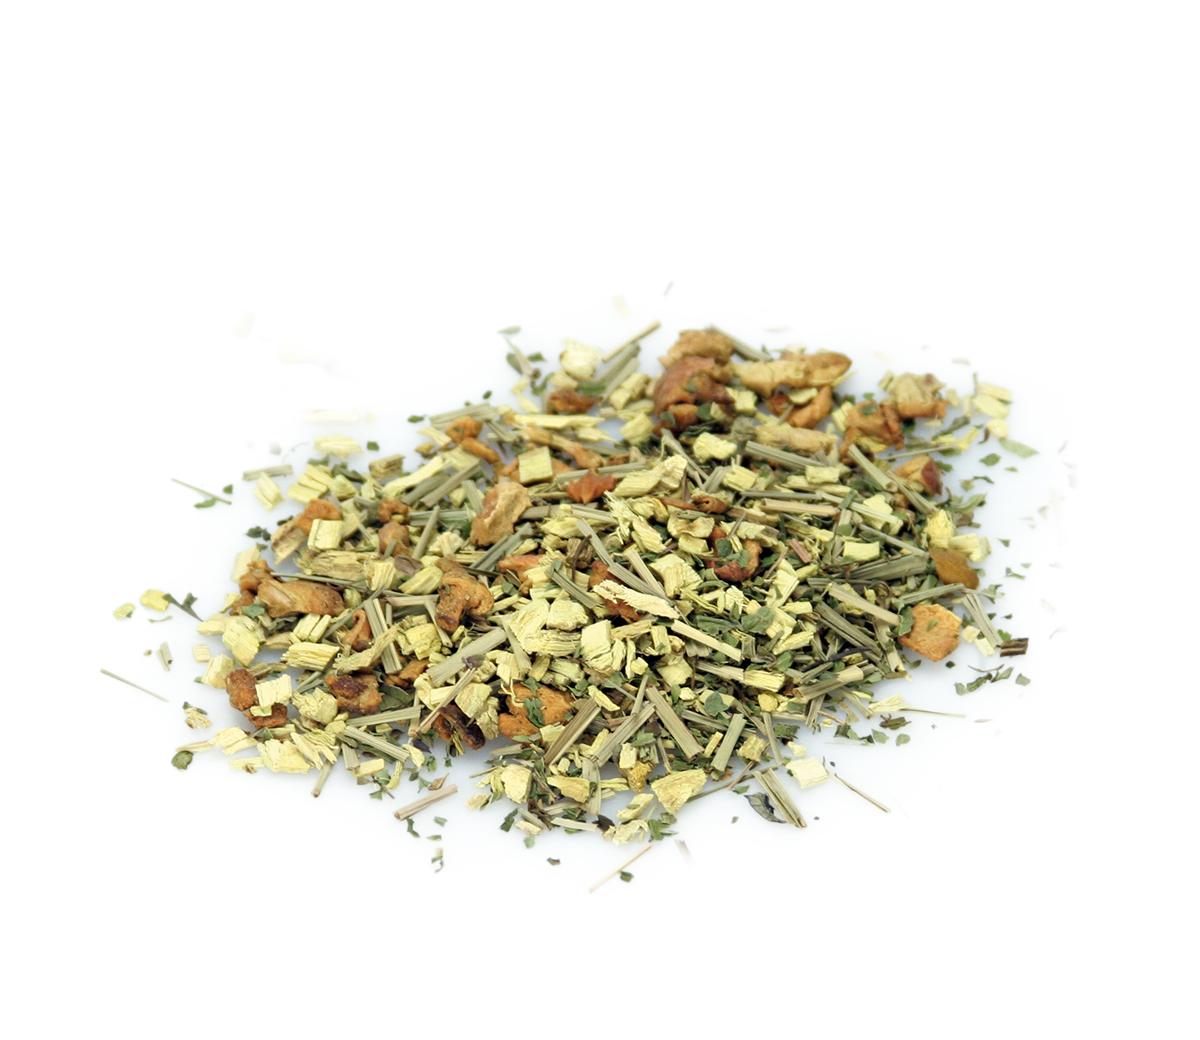 COOL MINT FRESH ENERGY tisana di erbe, 1000g Confezionato sfuso in alta qualità premium